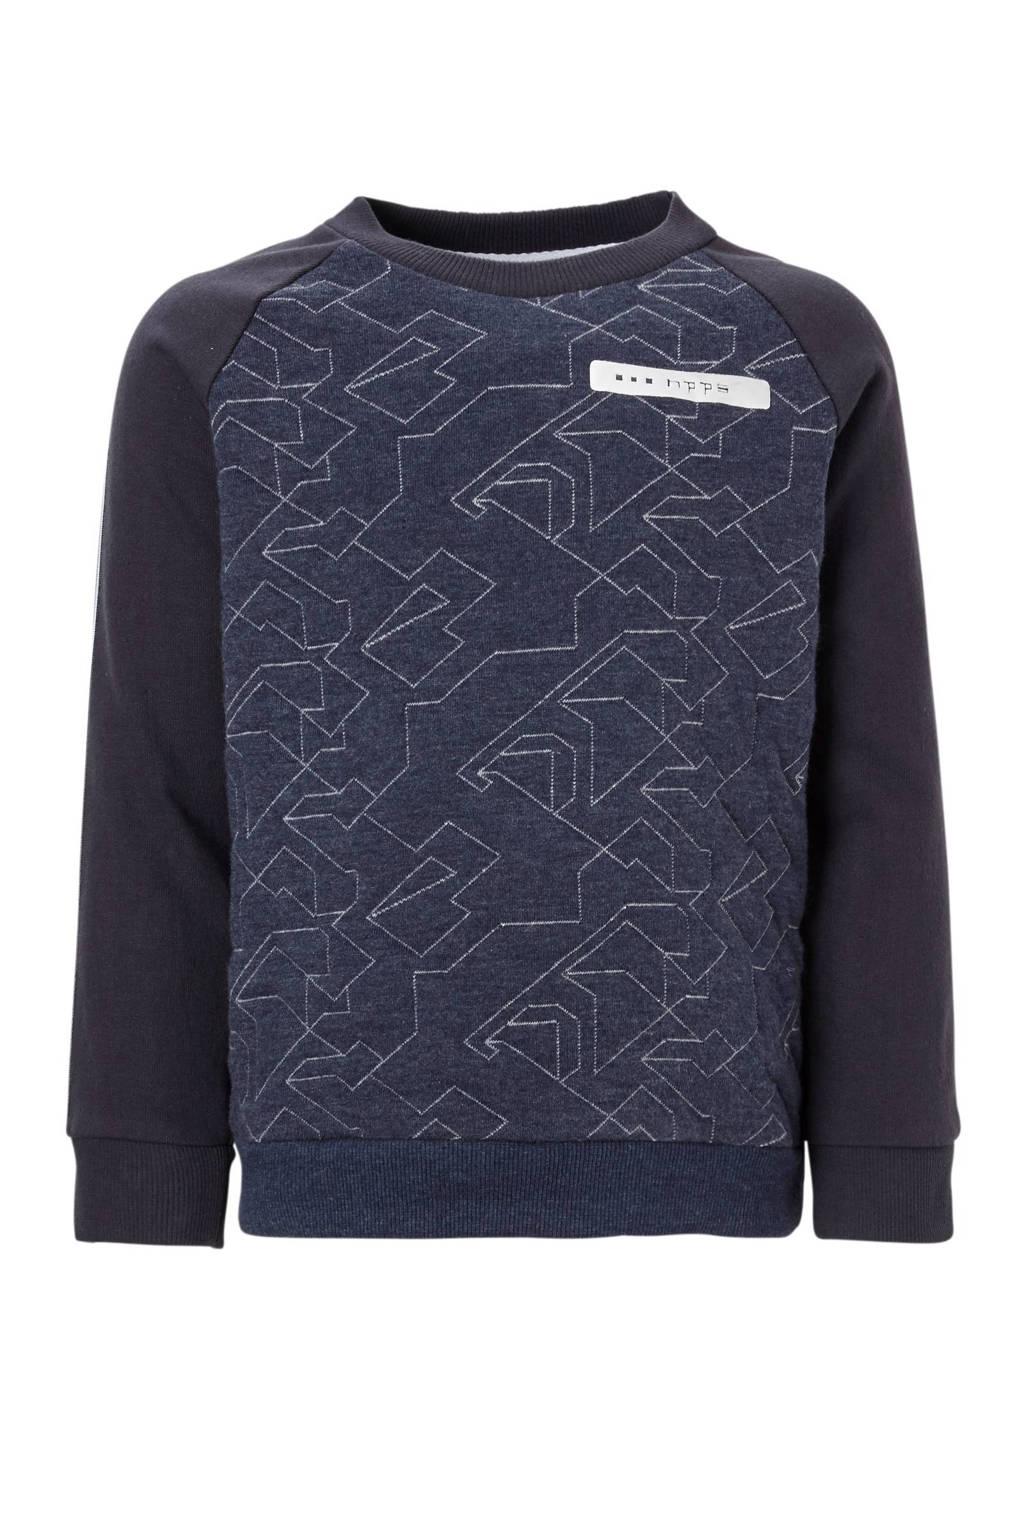 Noppies sweater Westbrook met zijstreep blauw, Donkerblauw